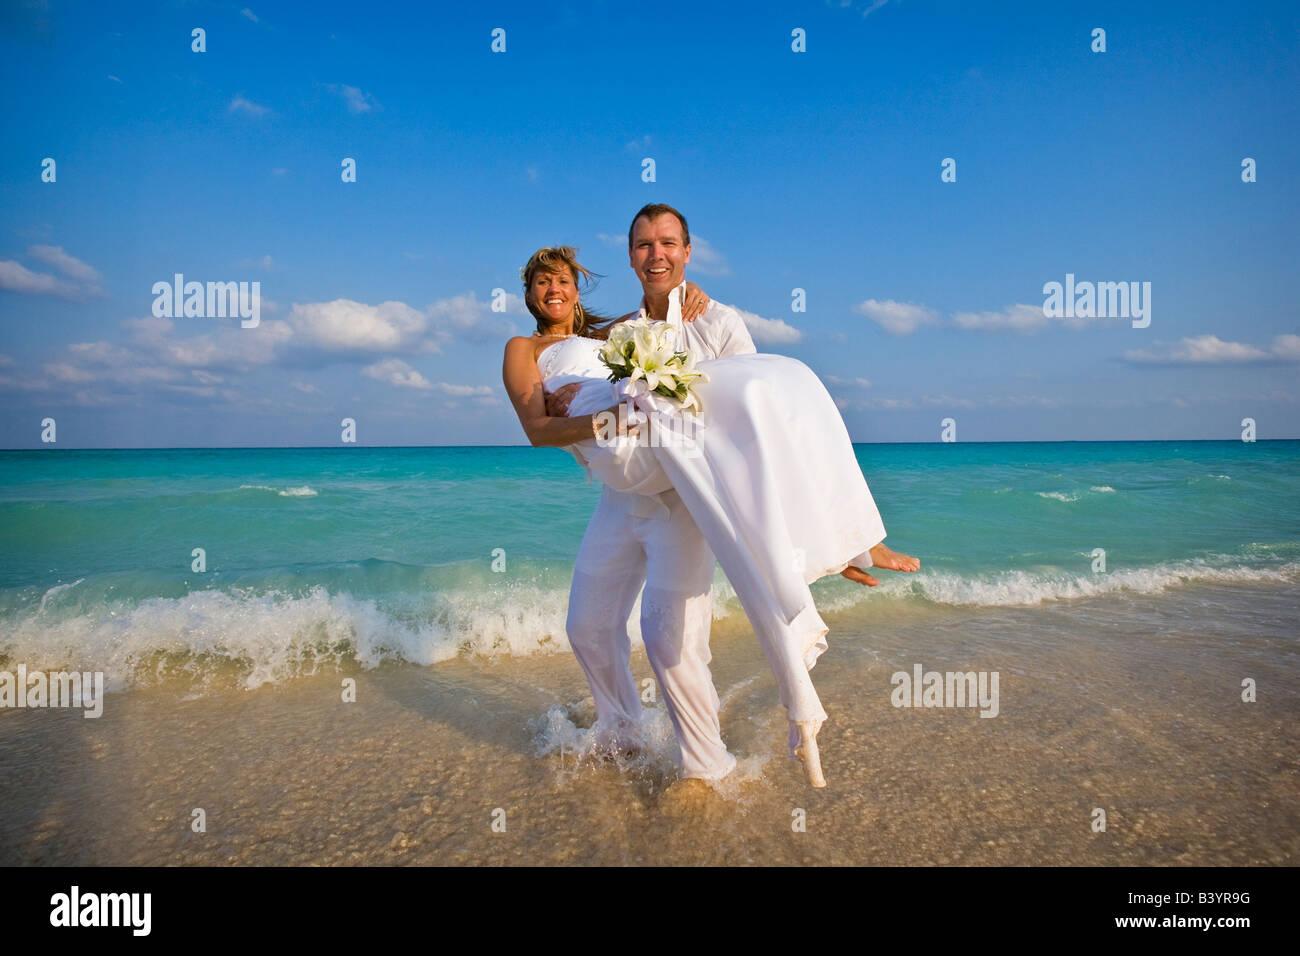 Tuxes Imágenes De Stock & Tuxes Fotos De Stock - Alamy